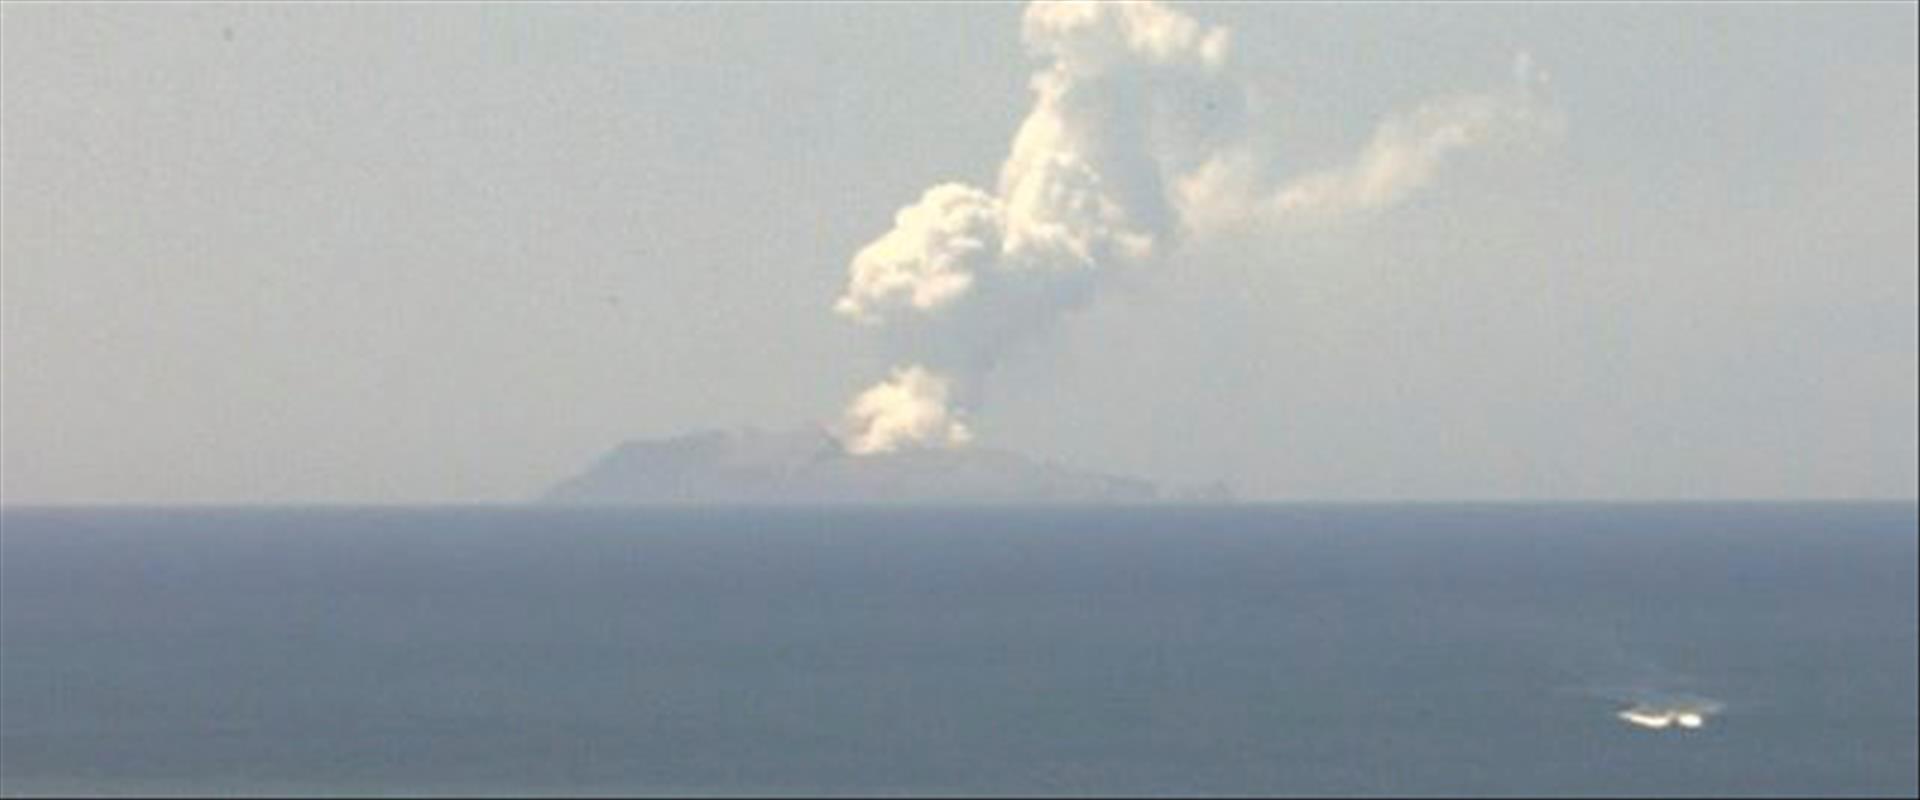 הר הגעש לאחר ההתפרצות, הבוקר